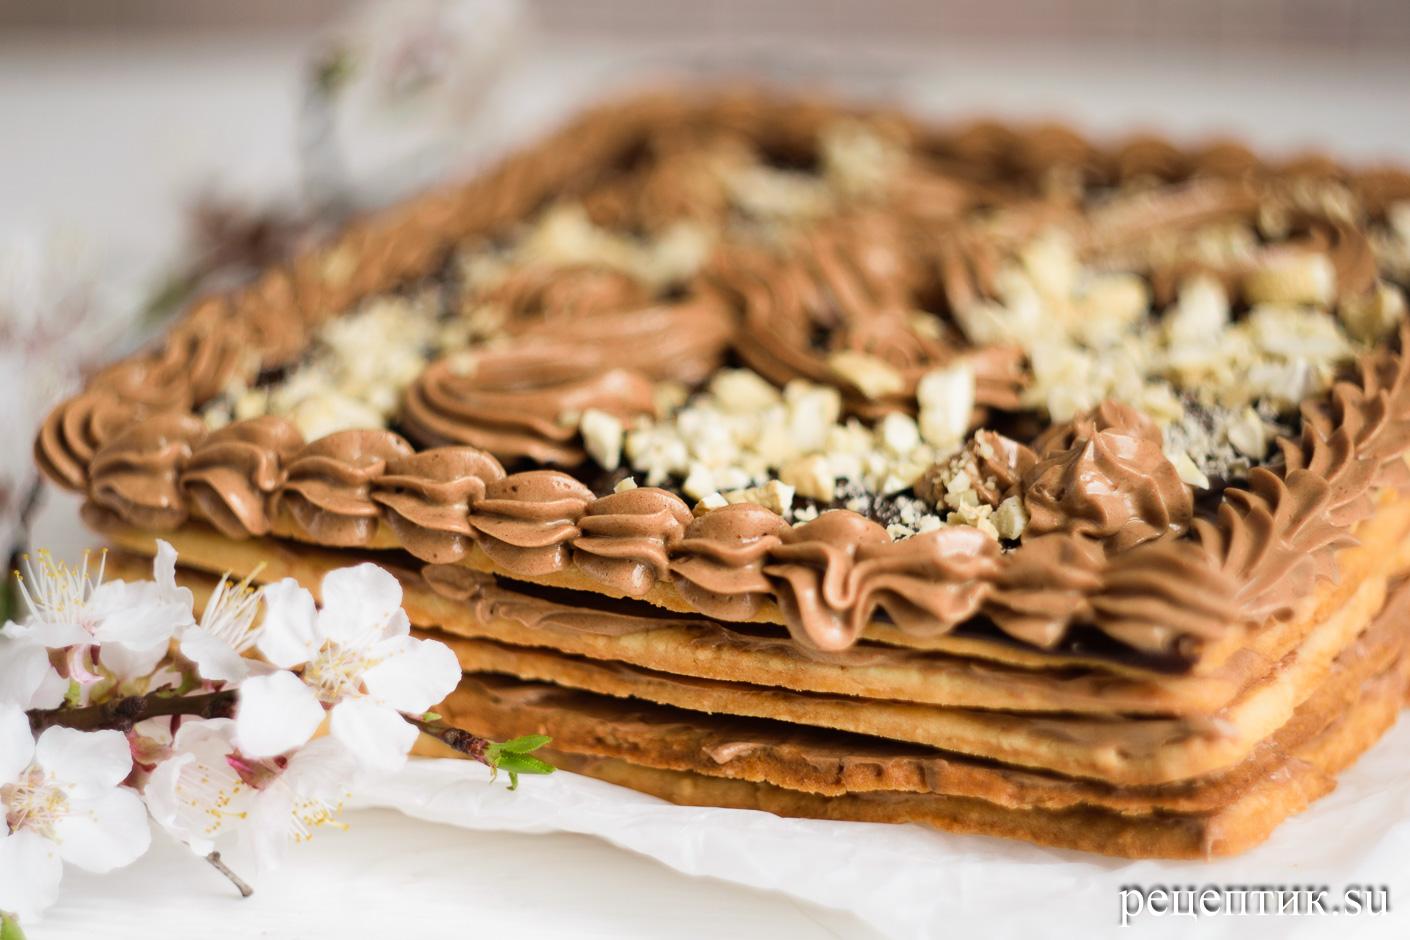 Торт «Ленинградский» — песочный торт с шоколадным масляным кремом - рецепт с фото, шаг 21